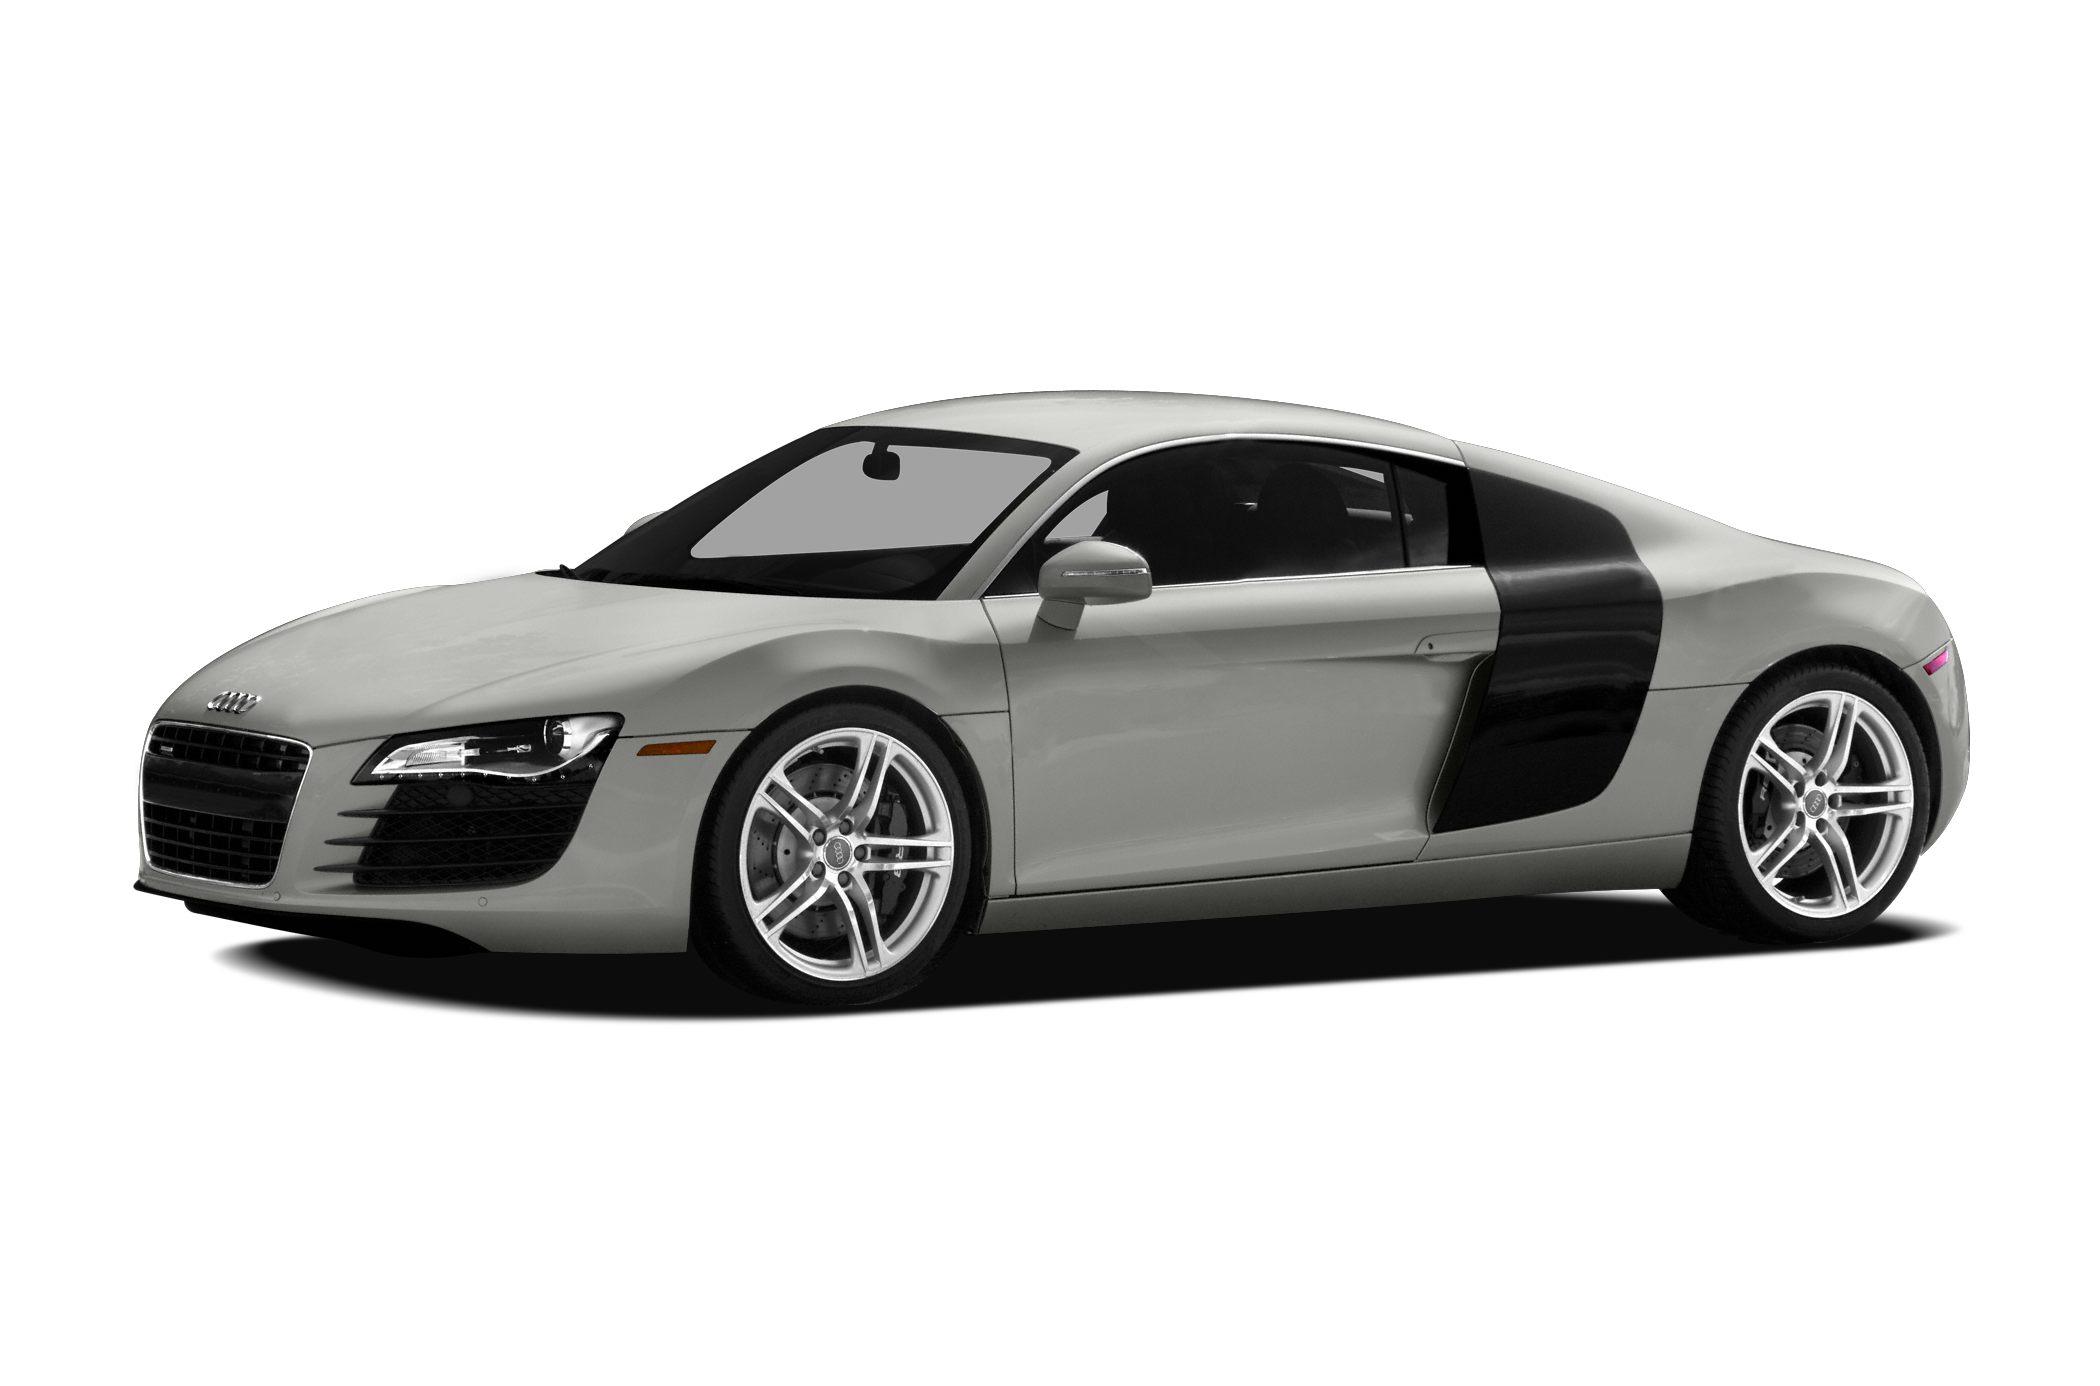 Kelebihan Kekurangan Audi R8 2010 Tangguh